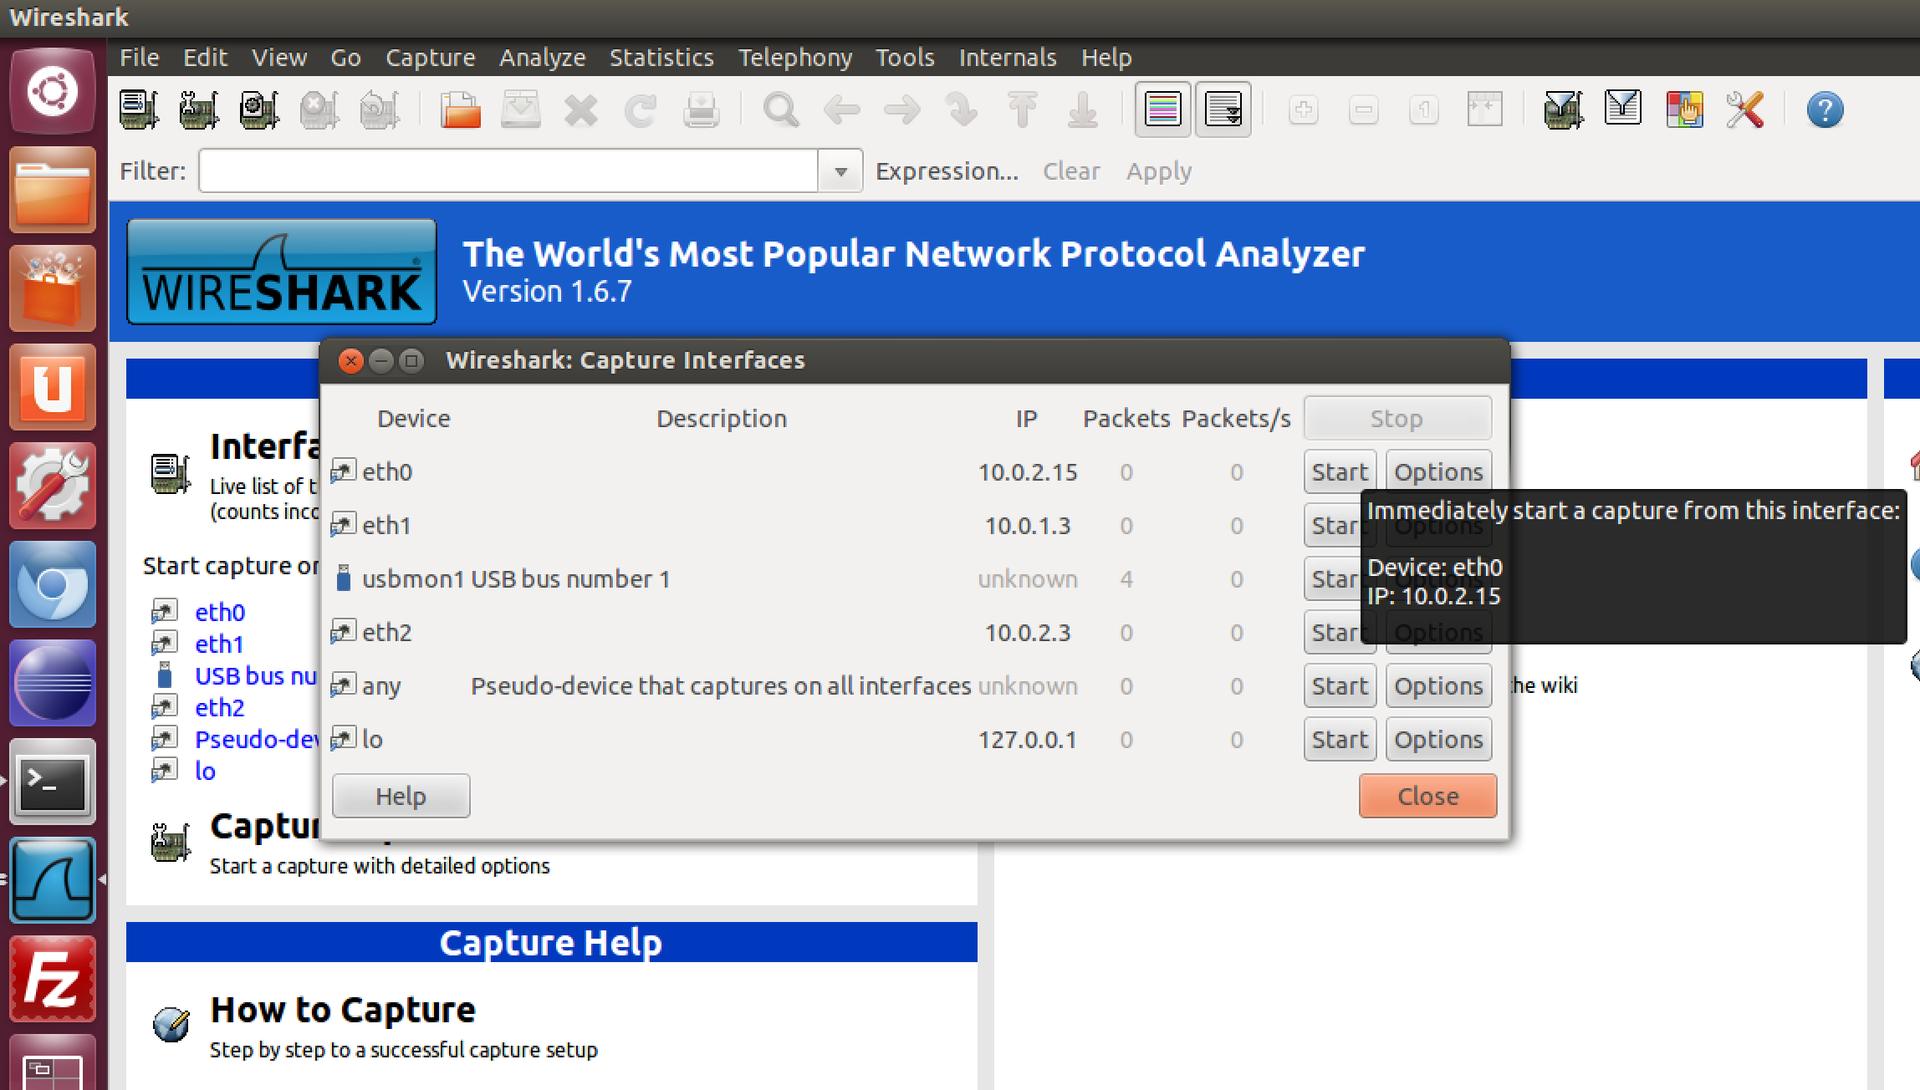 Создание и тестирование Firewall в Linux, Часть 2.1. Введение во вторую часть. Смотрим на сеть и протоколы. Wireshark - 5